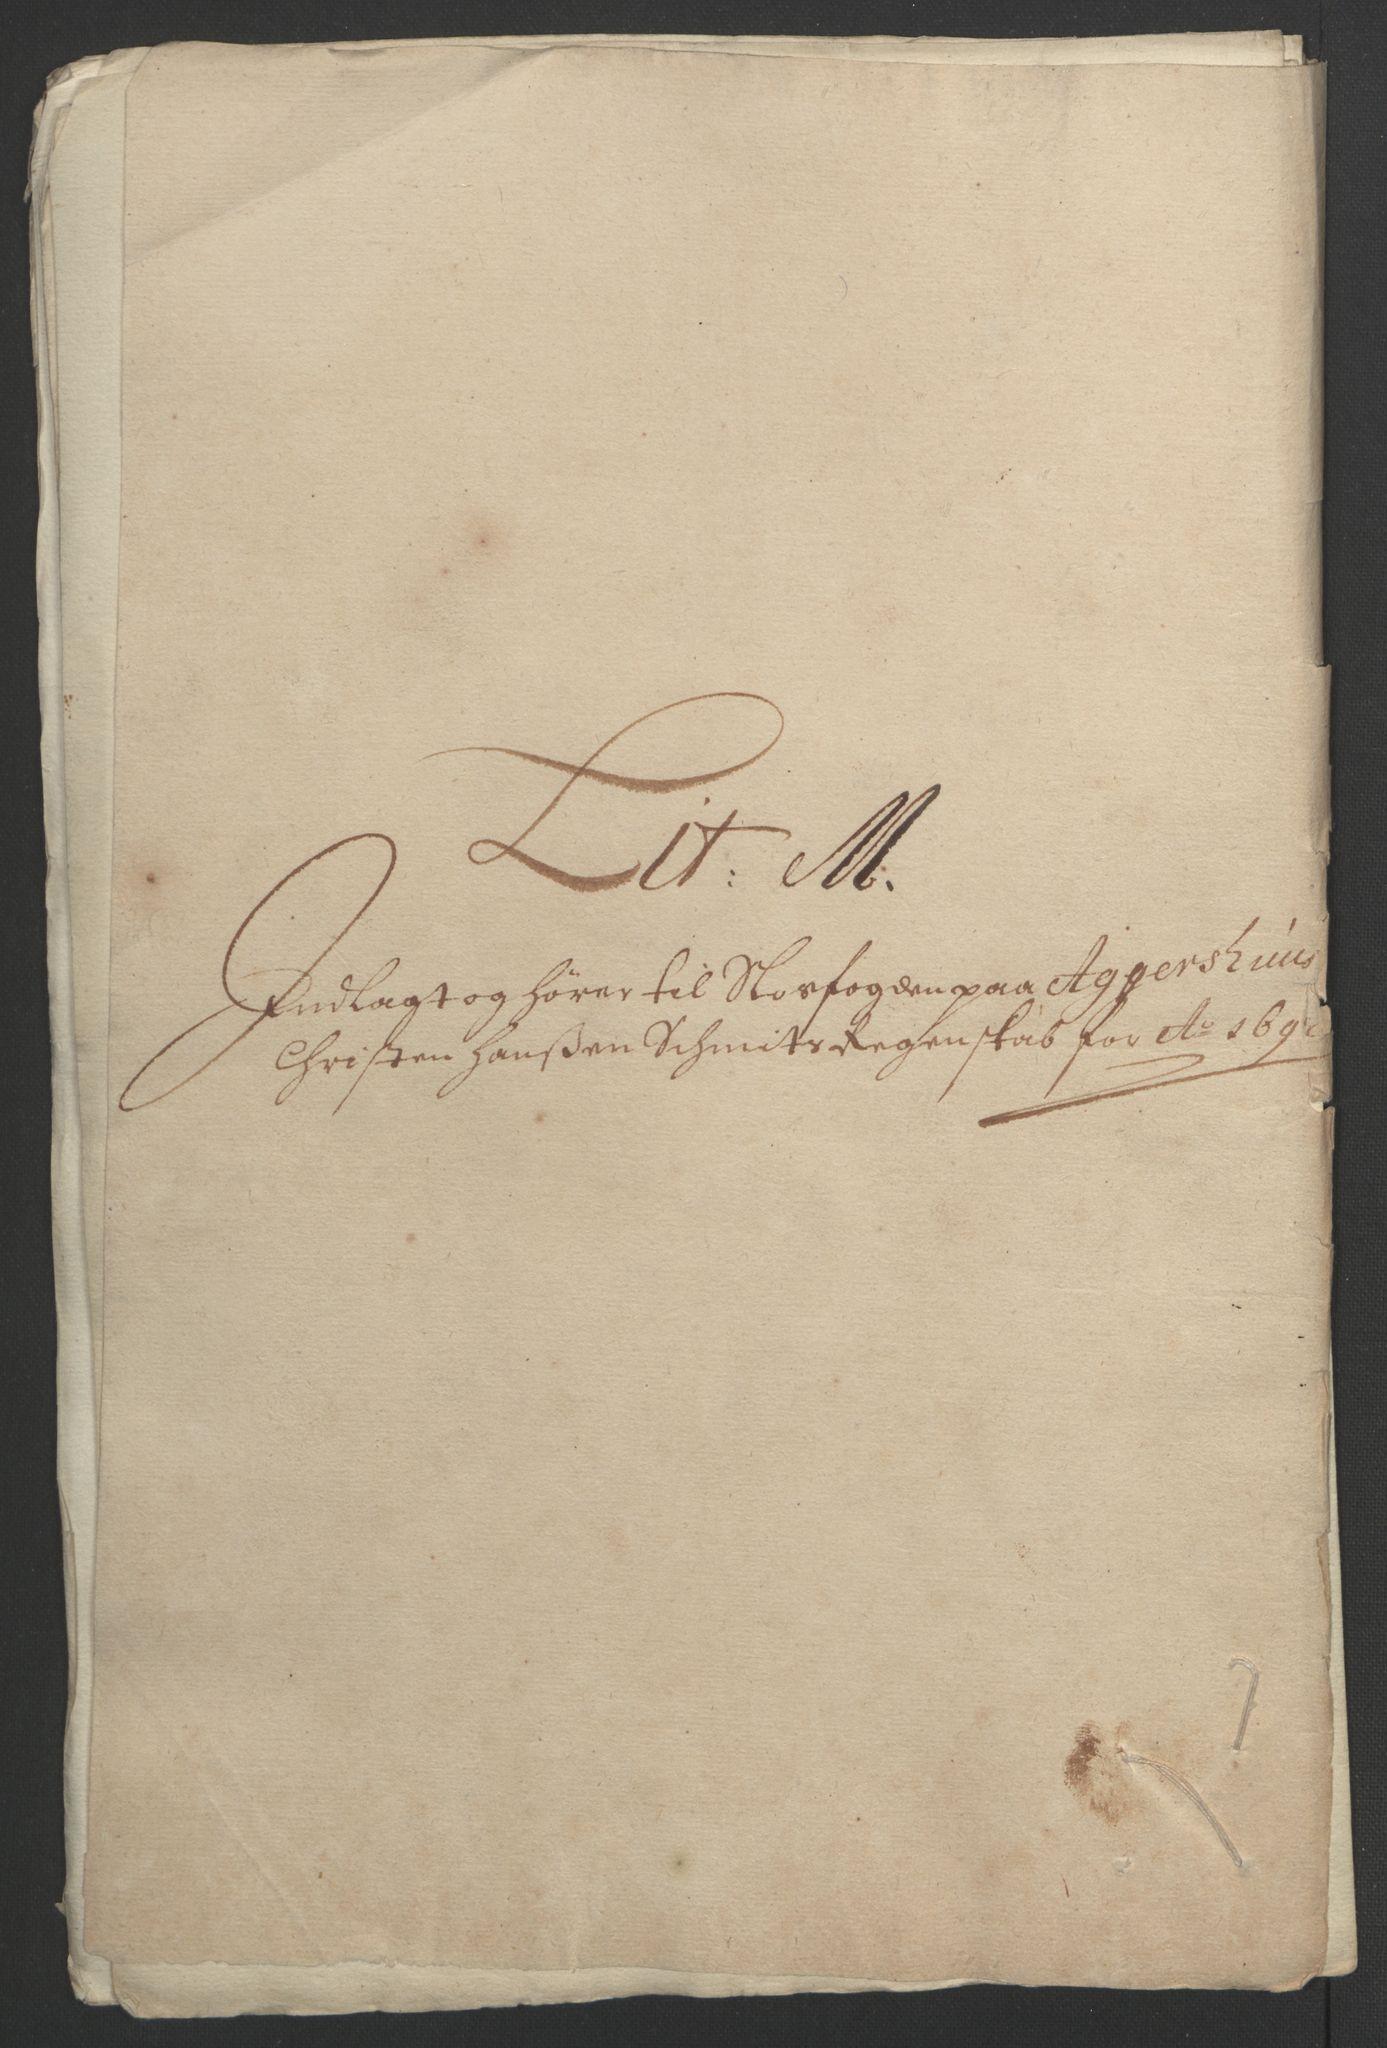 RA, Rentekammeret inntil 1814, Reviderte regnskaper, Fogderegnskap, R08/L0426: Fogderegnskap Aker, 1692-1693, s. 147